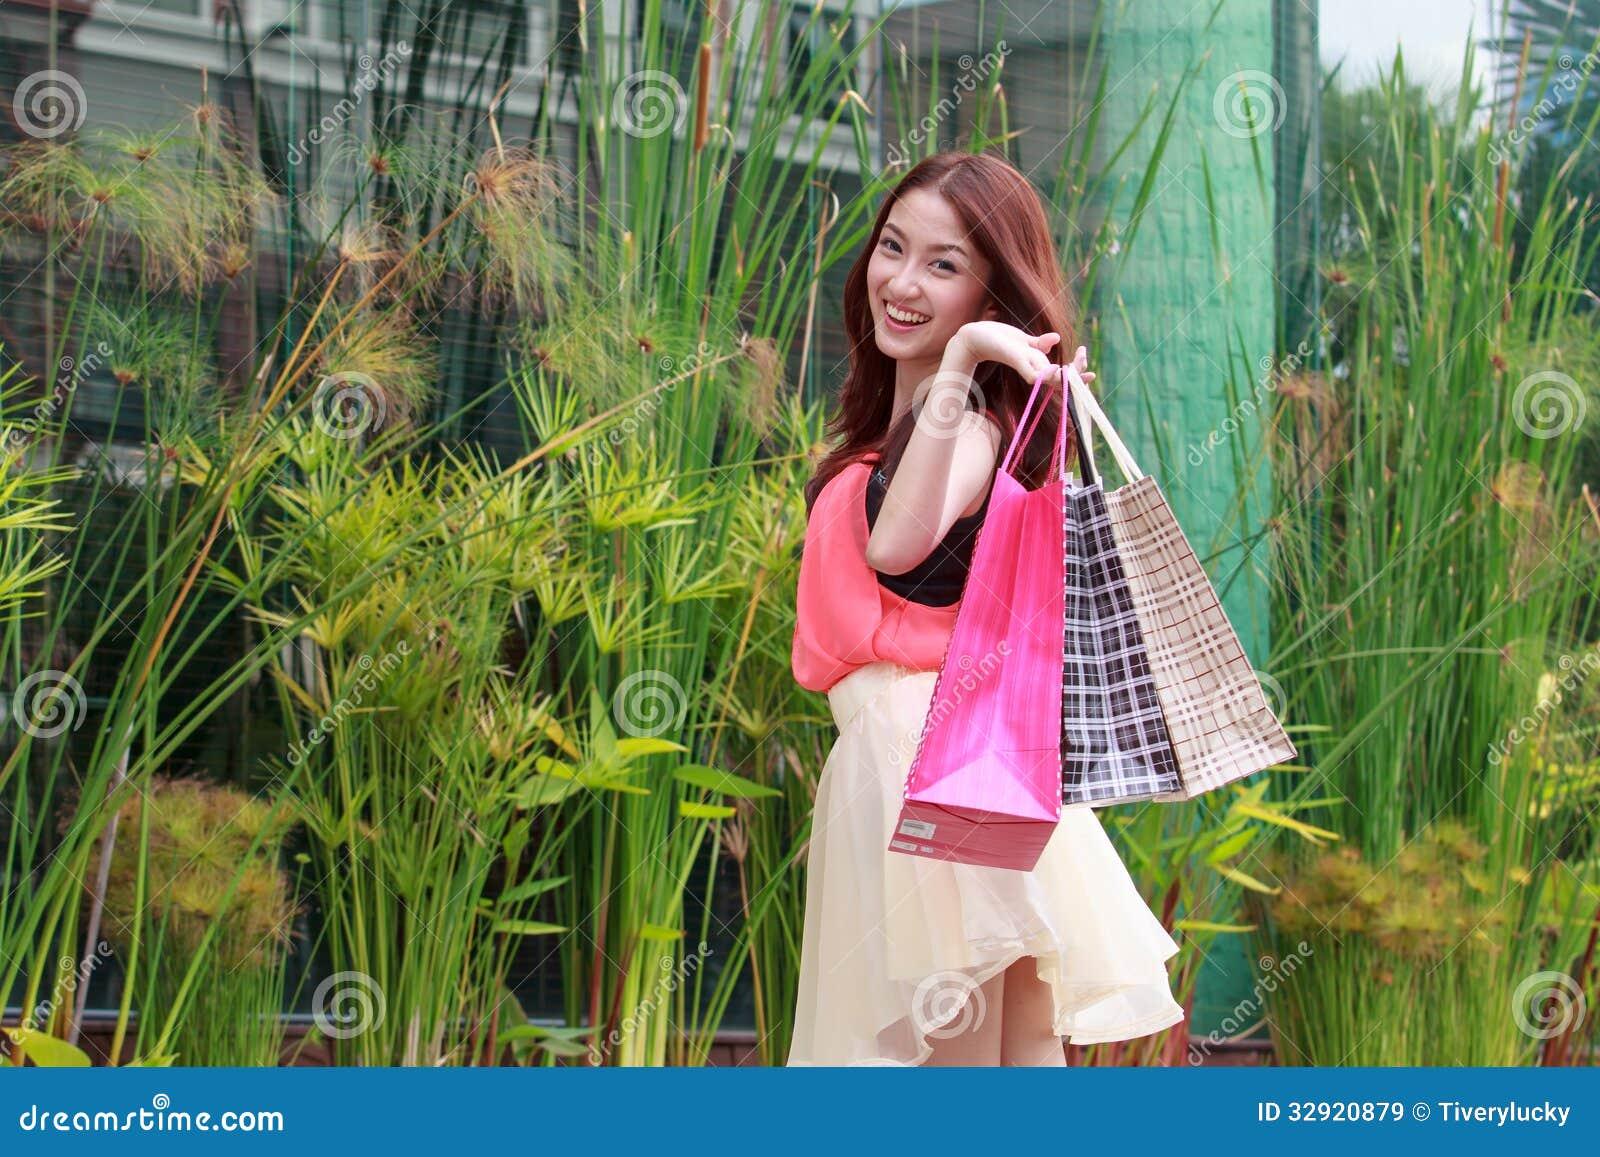 Азиатские девушки счастливы ходить по магазинам.